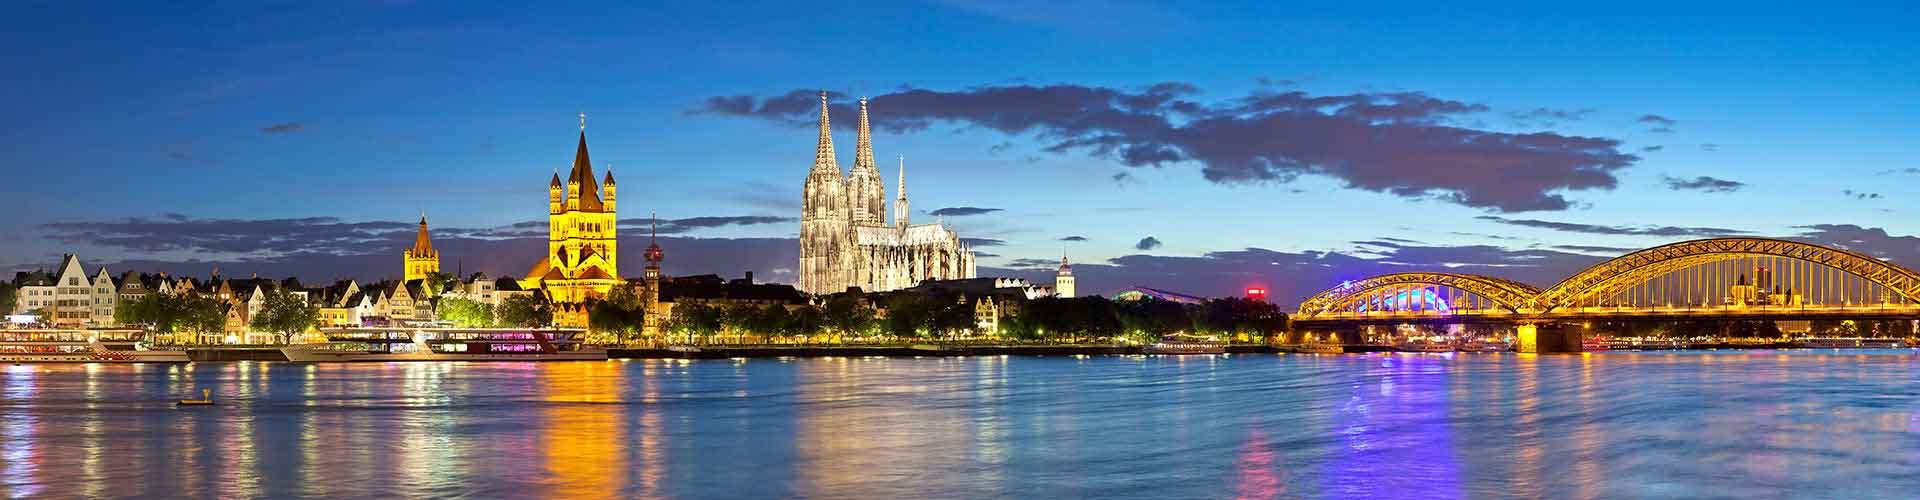 Köln – Hostels in Köln. Köln auf der Karte. Fotos und Bewertungen für jedes Hostel in Köln.